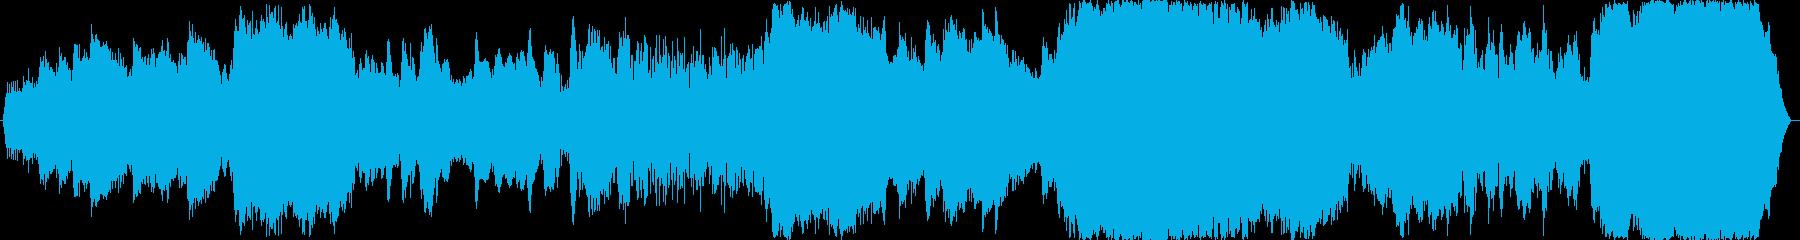 ホラー、暗い、恐怖なイメージのBGMの再生済みの波形